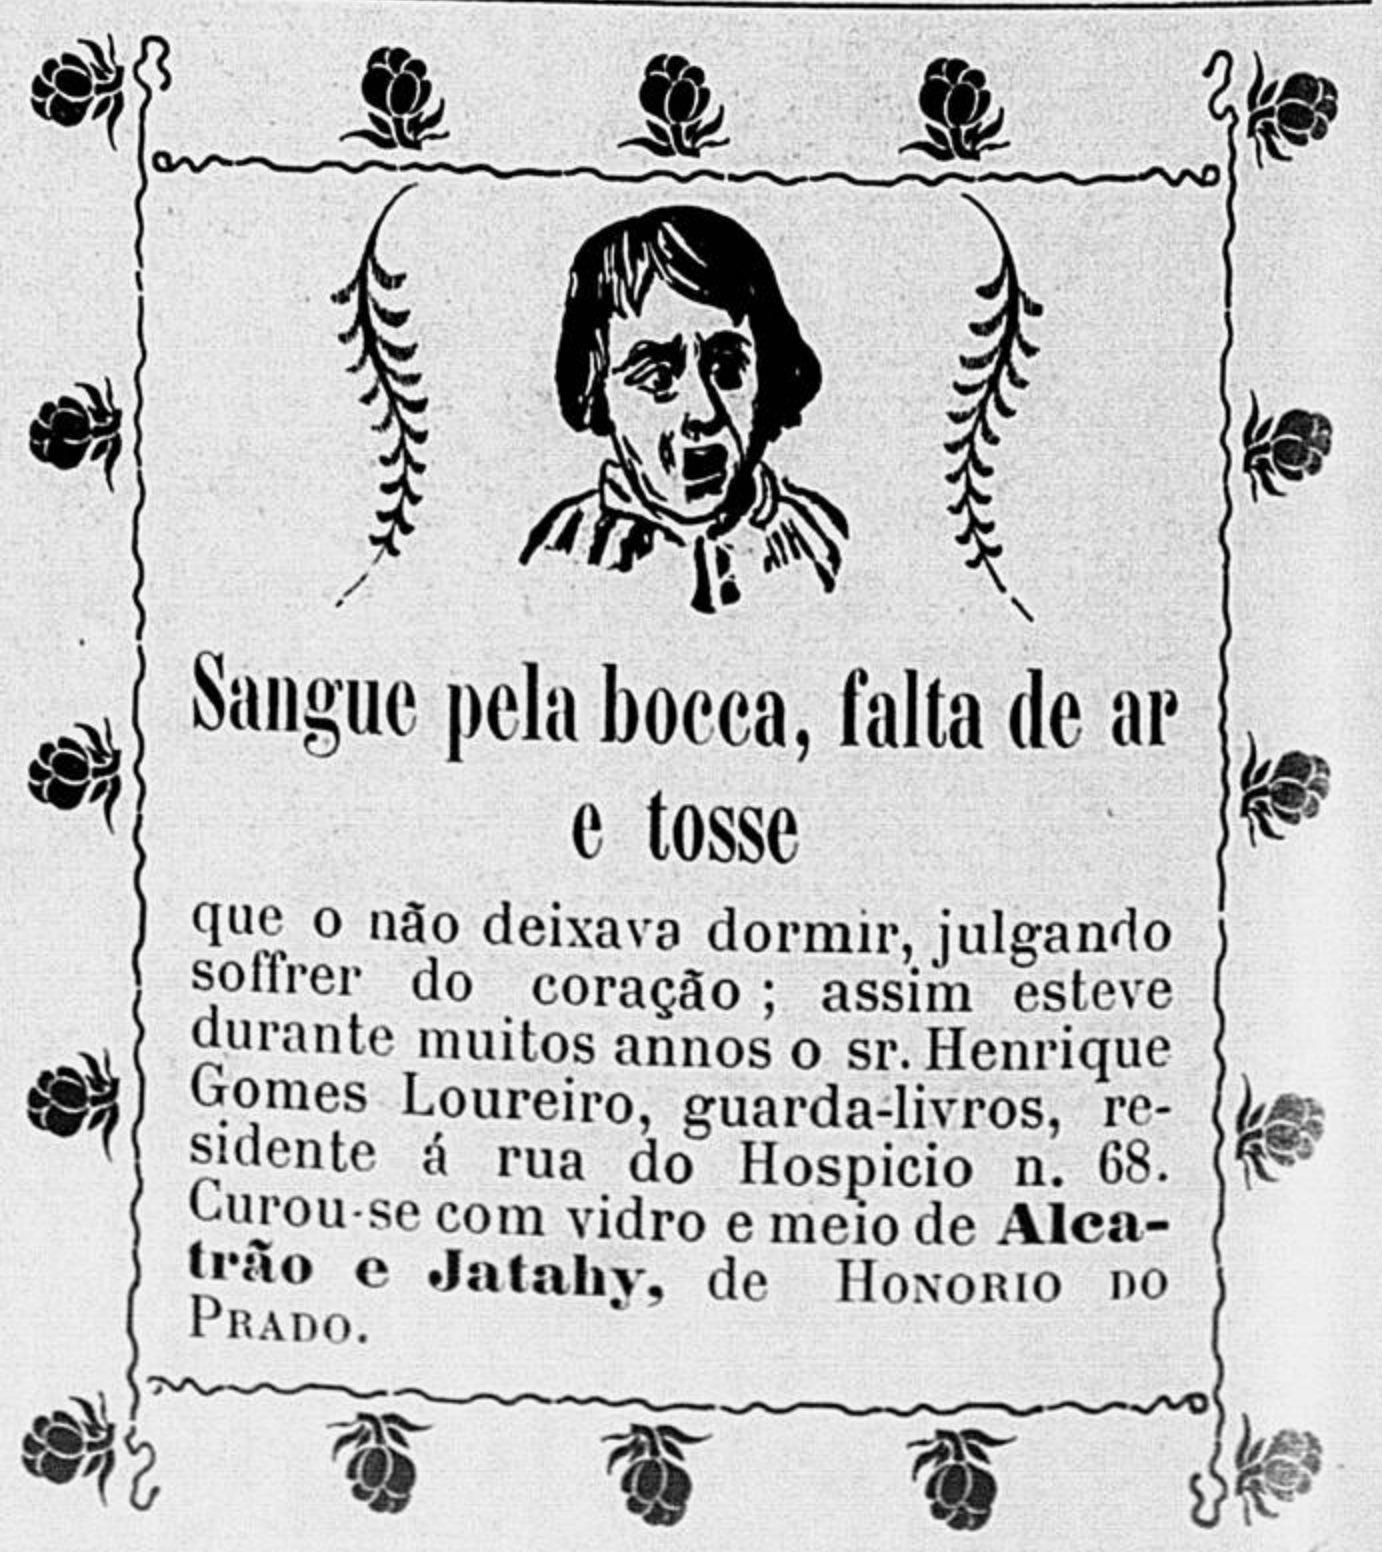 Anúncio de 1902 promovendo o Alcatrão e Jatahy de Honório do Prado em 1902